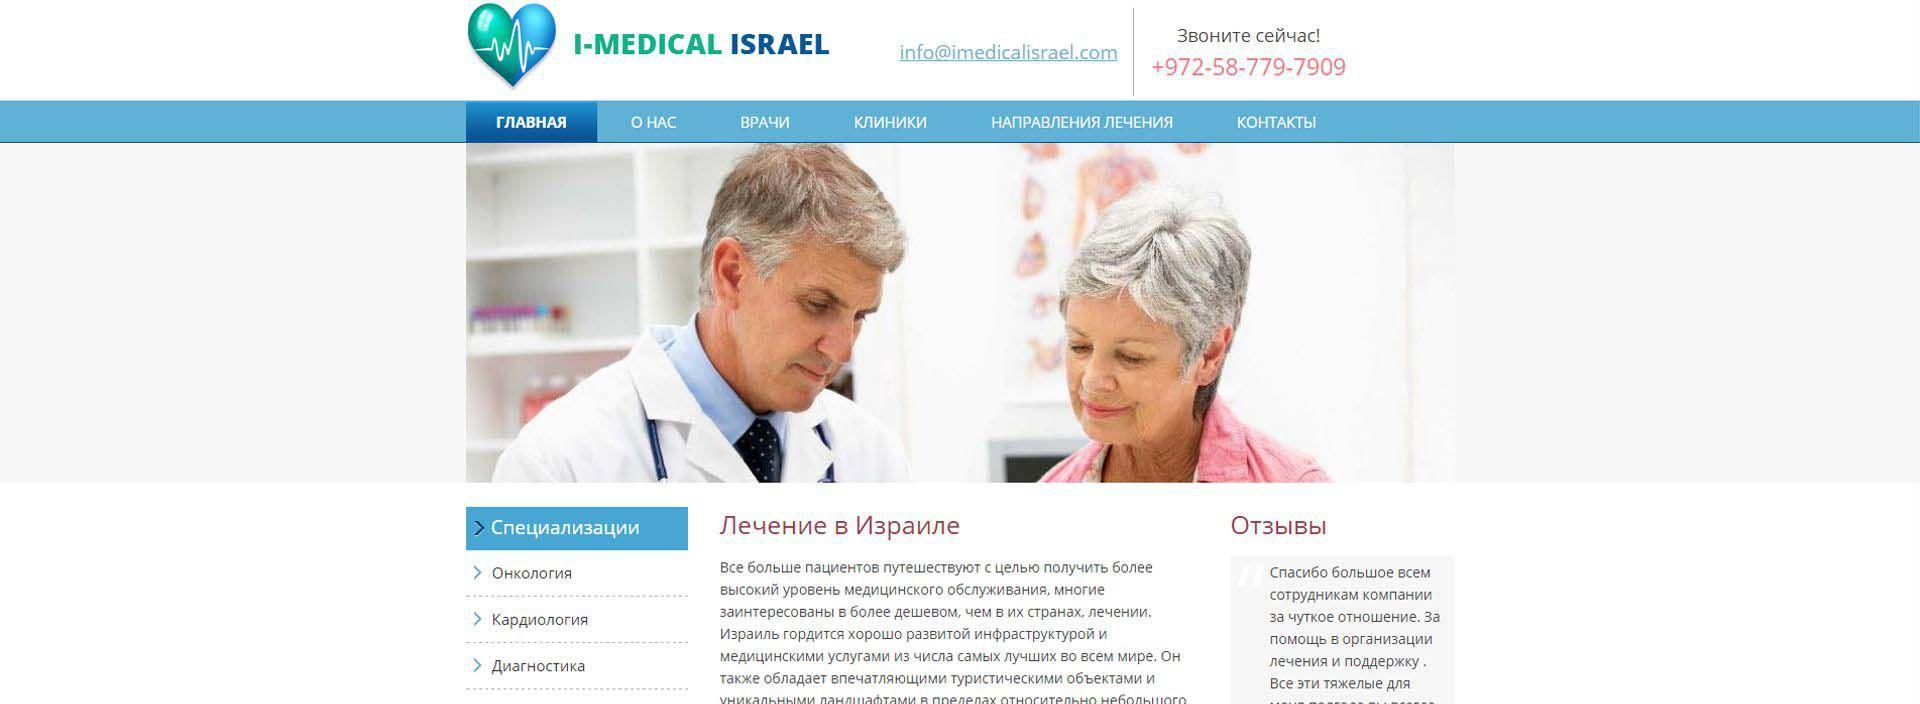 imedicalisrael.com